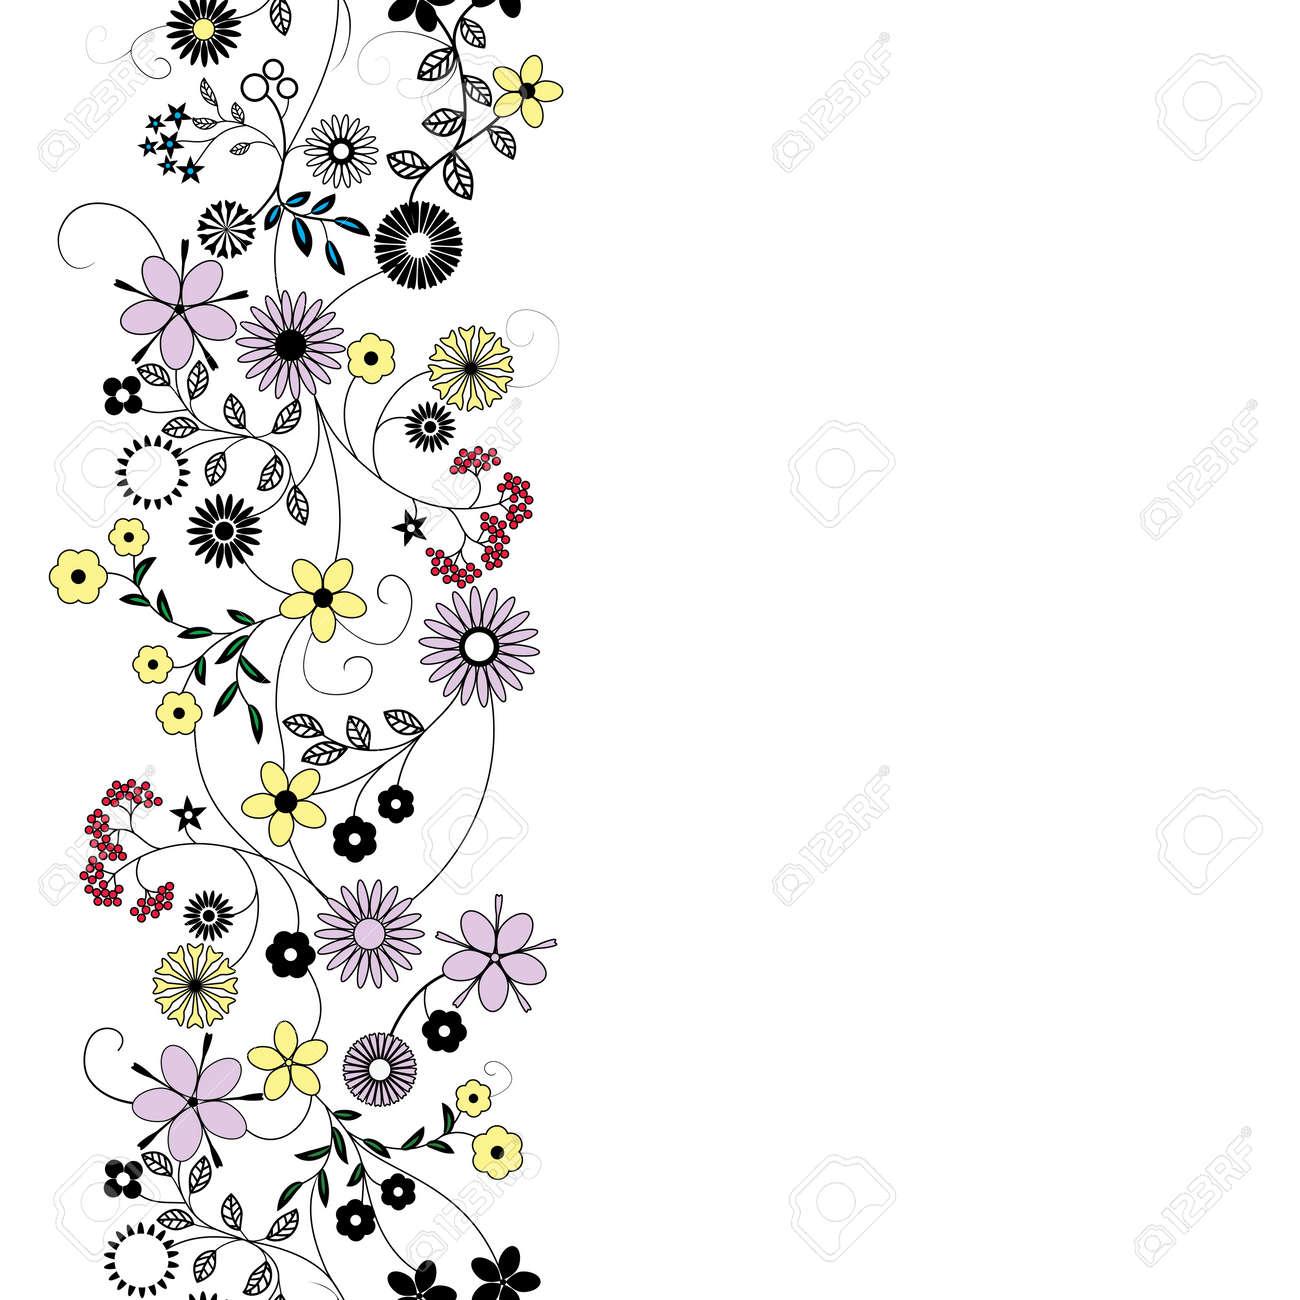 Fleur Abstraite De Fond Sans Soudure Art Vecteur Frontière Motif Texture De Tissu Floral Design Vintage Assez Mignon Dessin Animé Fond Décran